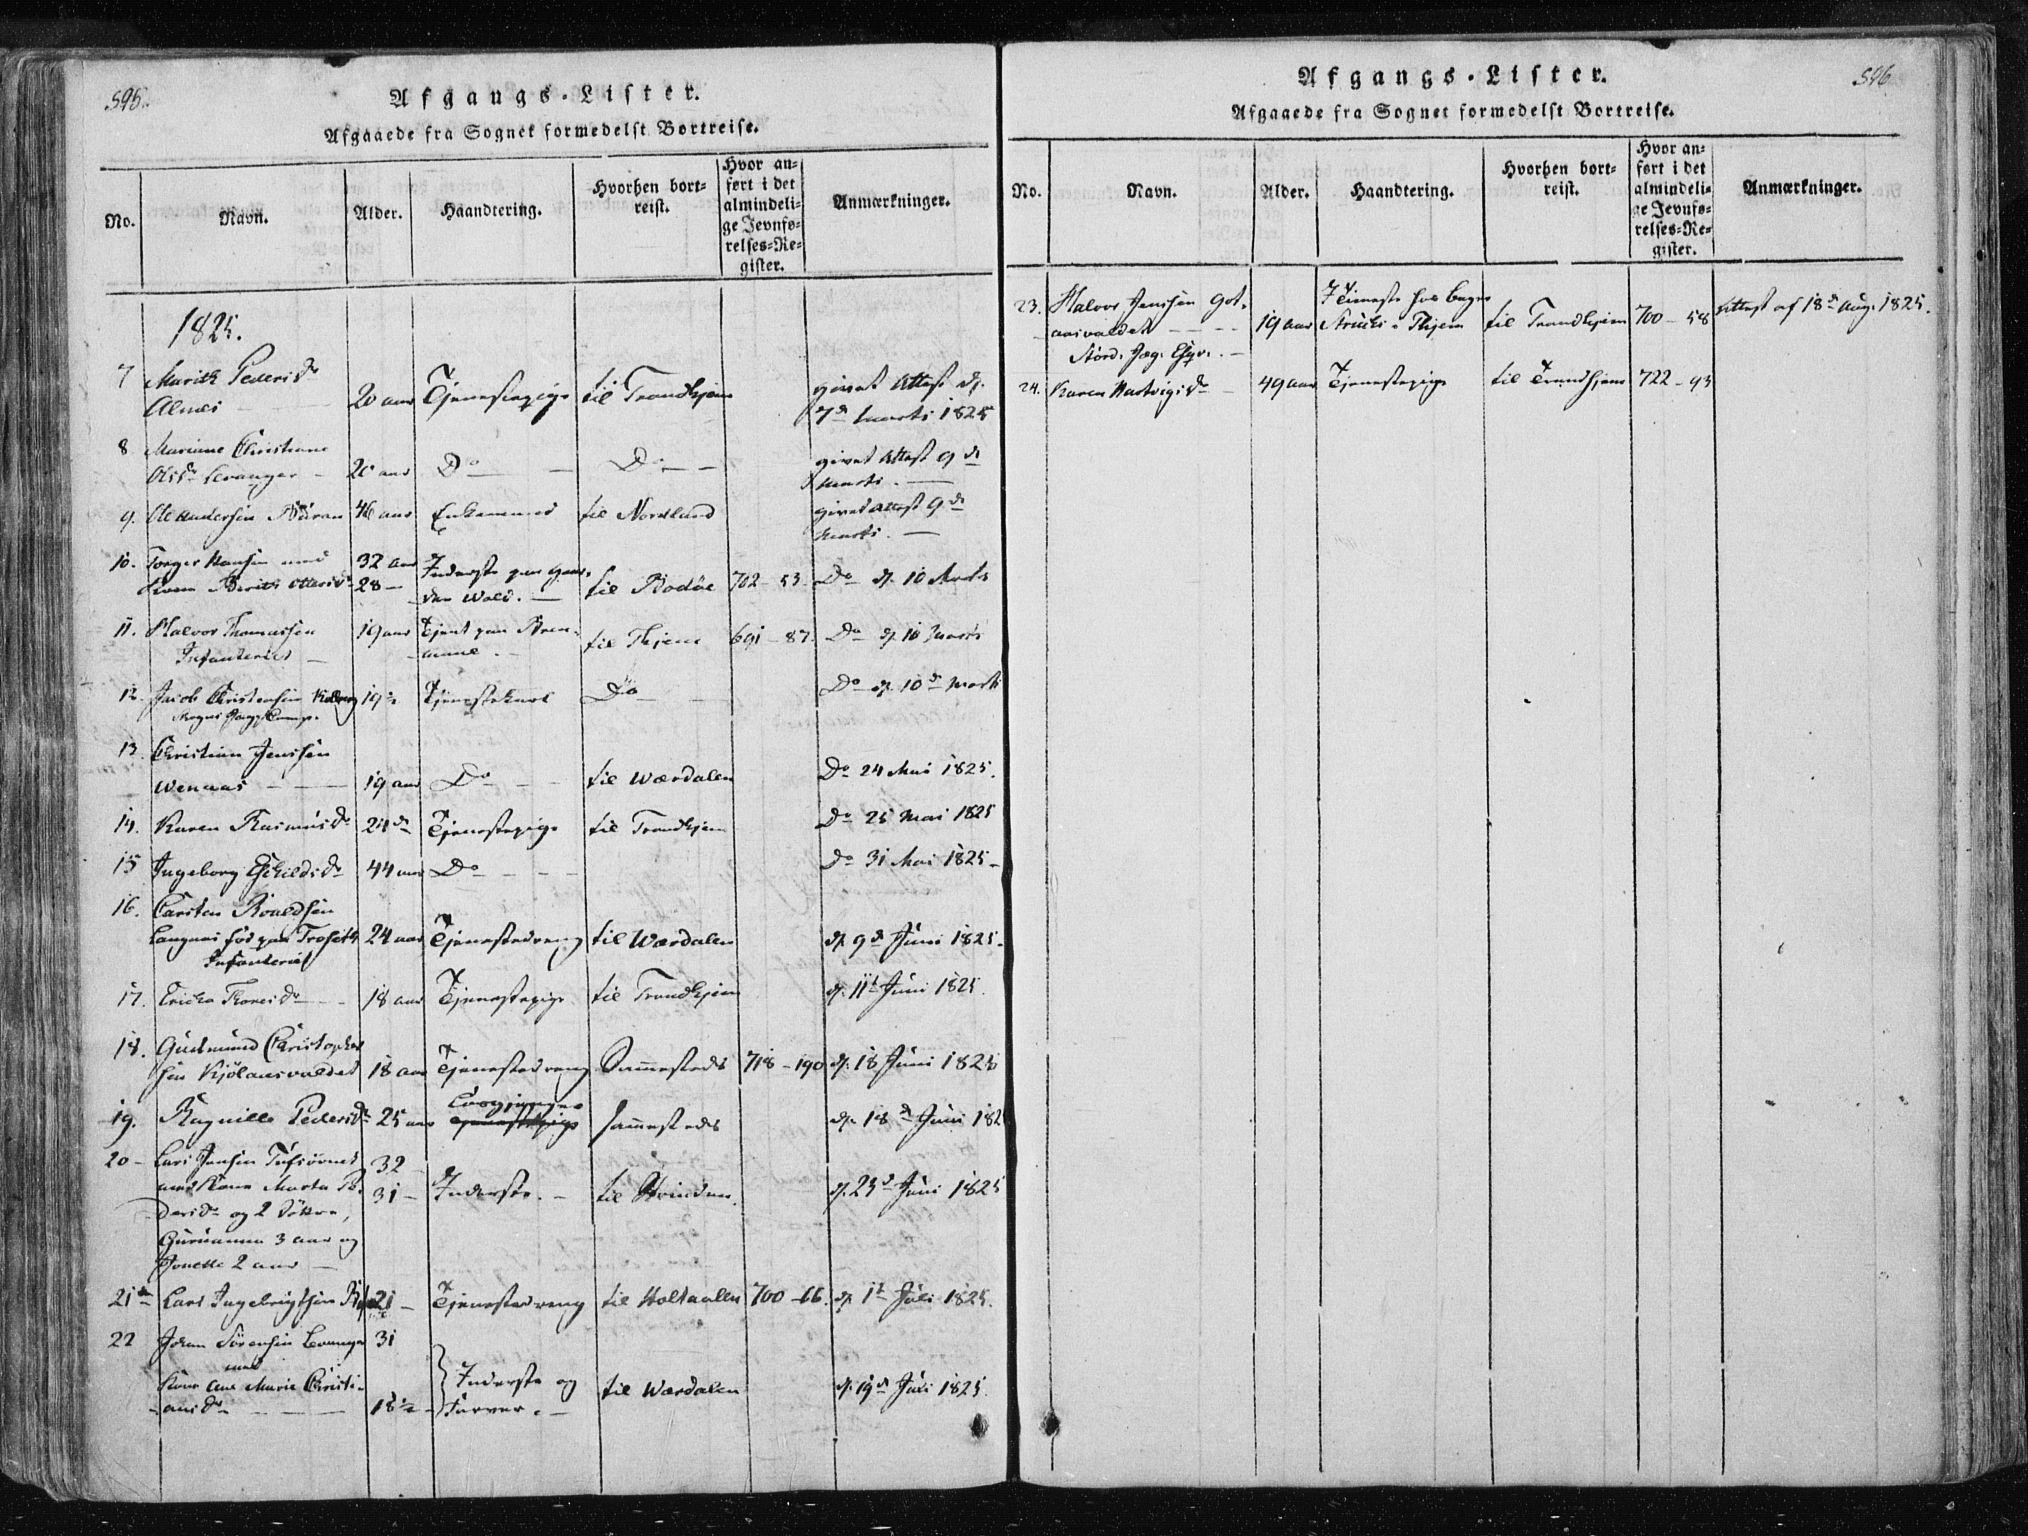 SAT, Ministerialprotokoller, klokkerbøker og fødselsregistre - Nord-Trøndelag, 717/L0148: Ministerialbok nr. 717A04 /2, 1816-1825, s. 595-596